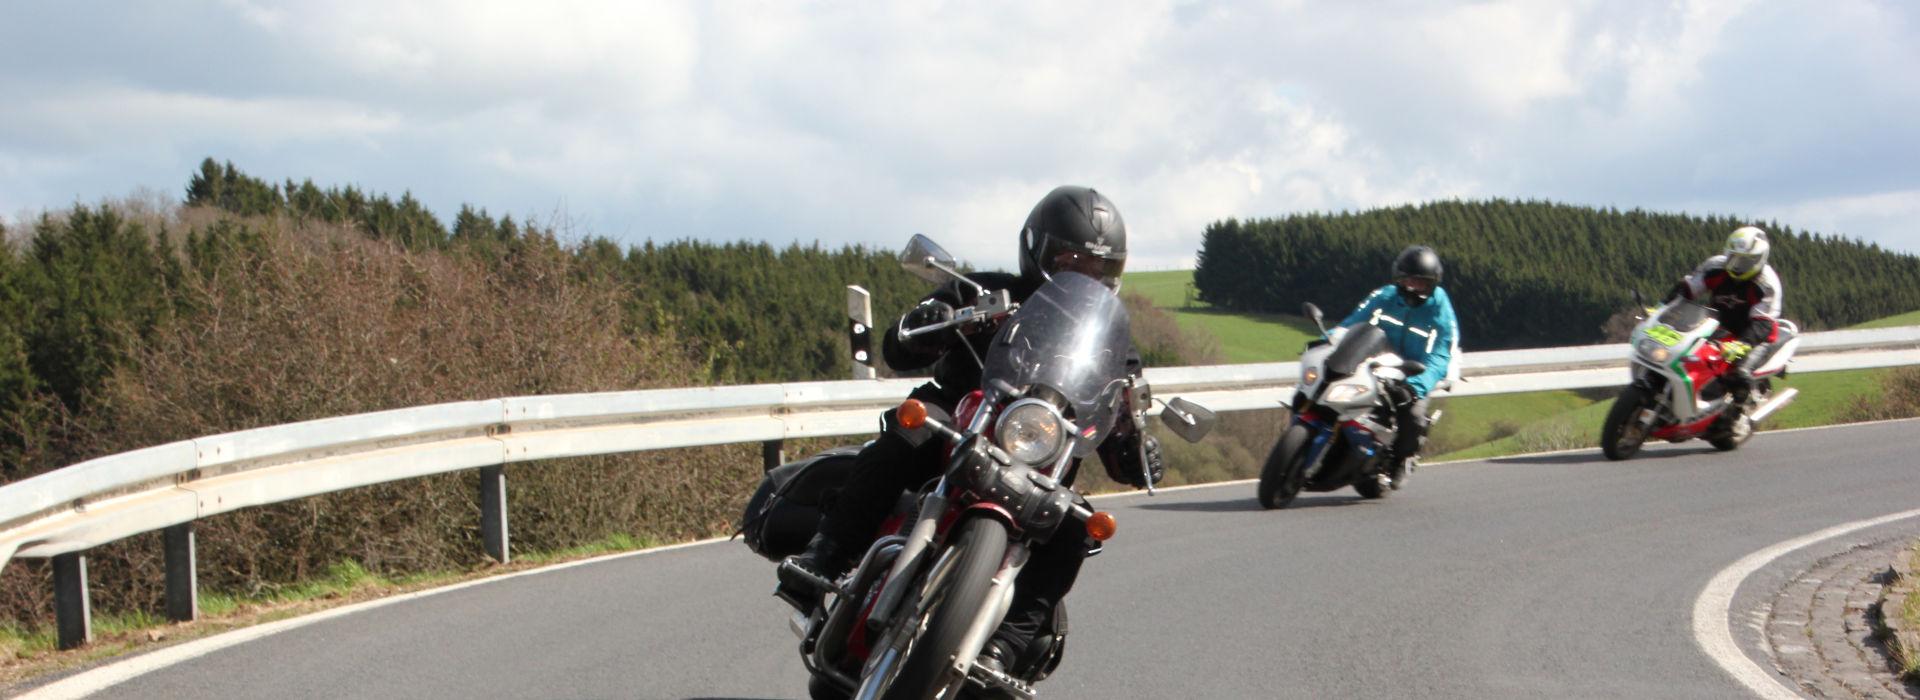 Motorrijbewijspoint Hoogmade snel motorrijbewijs halen